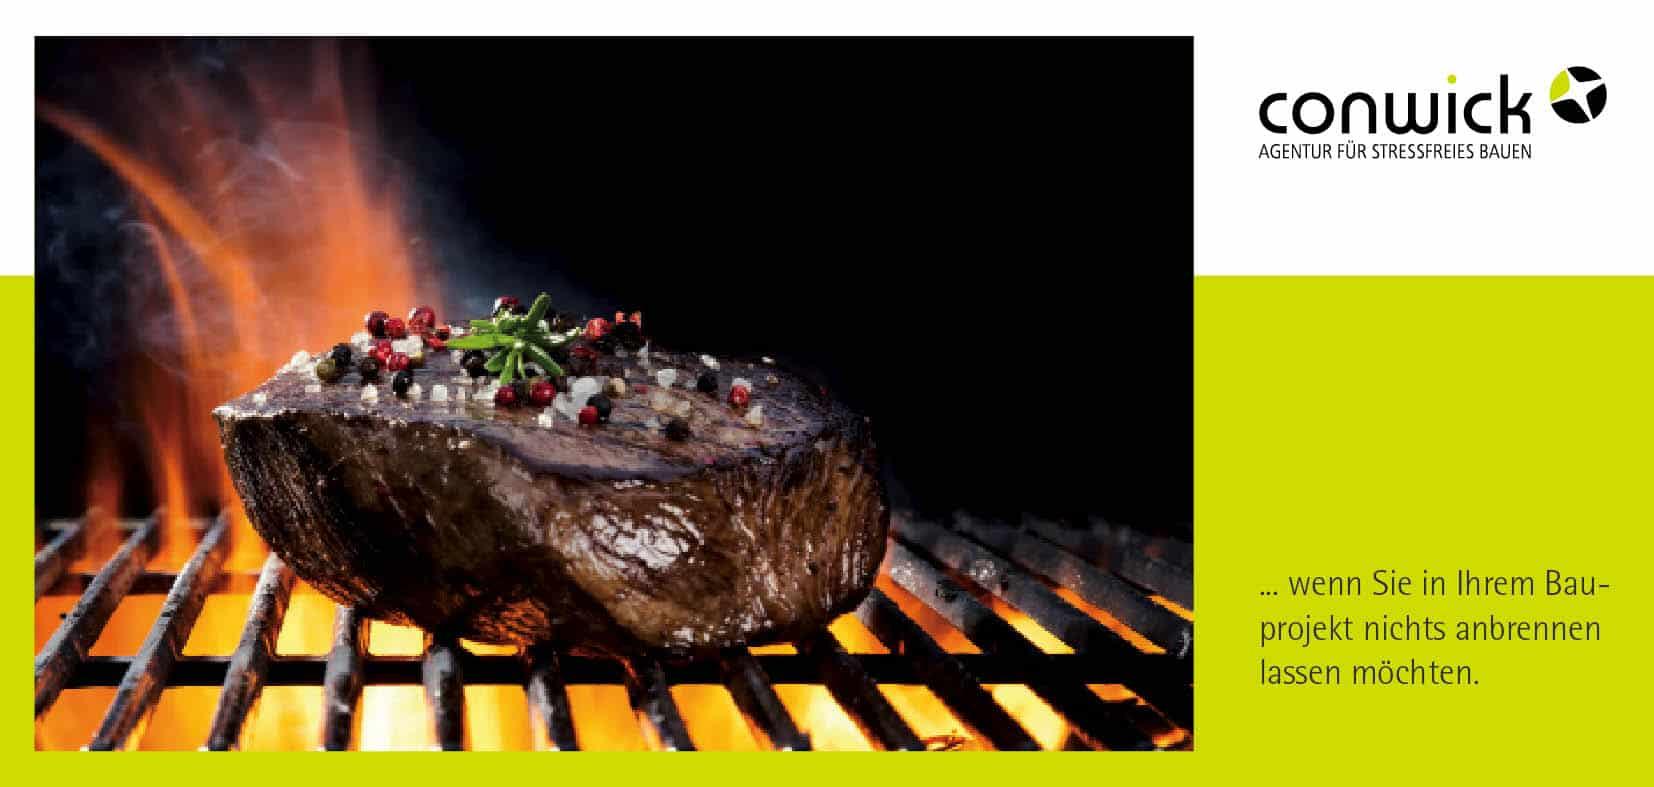 Ein Steak liegt auf einem Kohlegrill